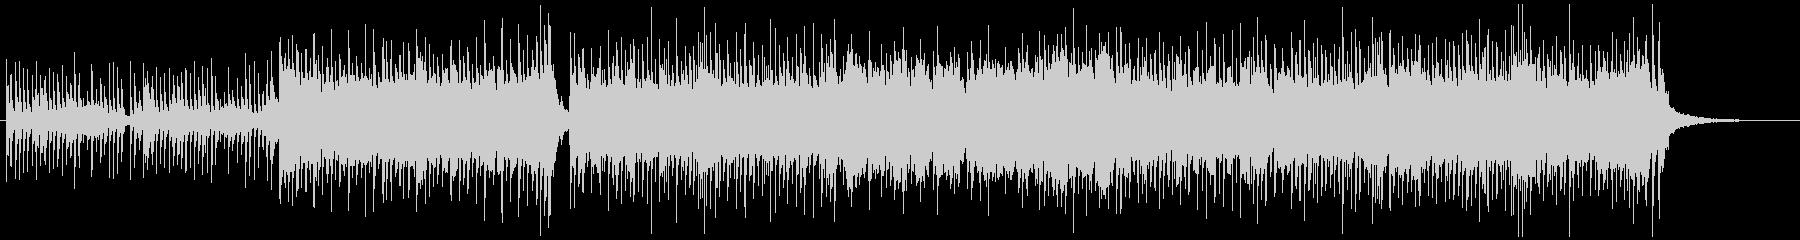 和風、三味線メタル2、激しい(声入り)Cの未再生の波形